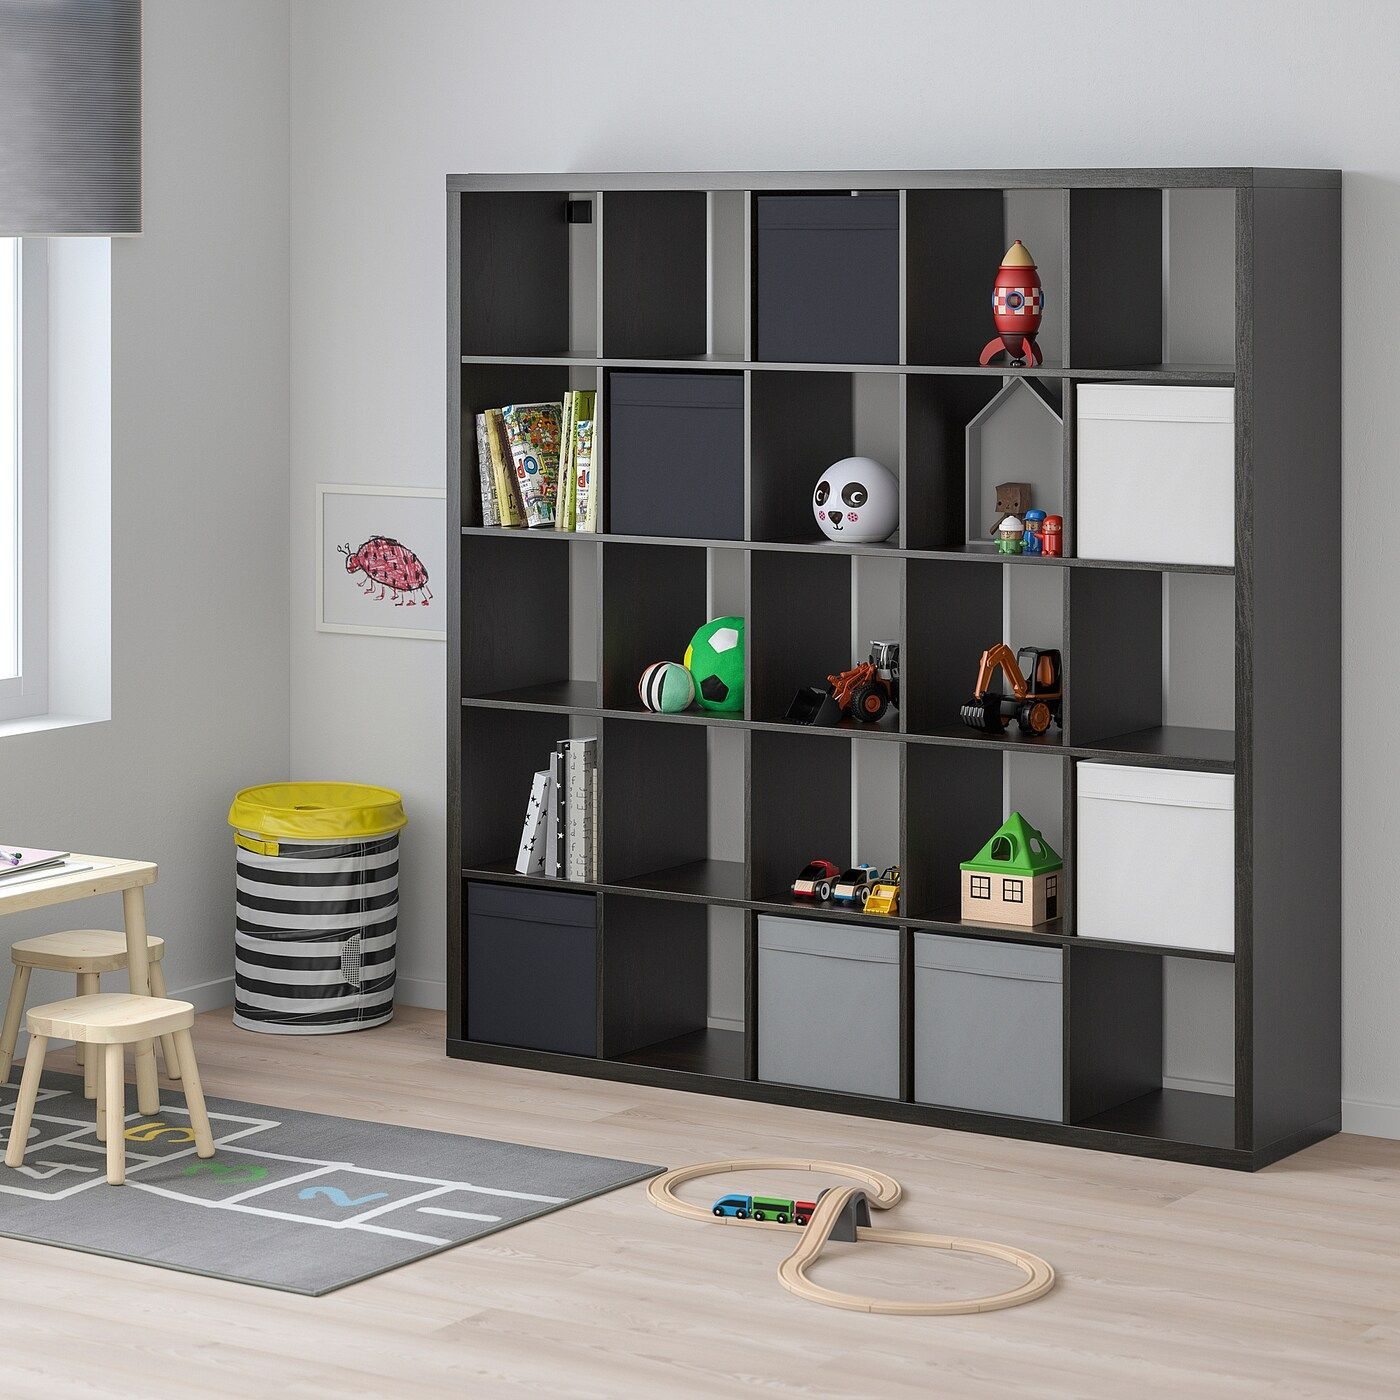 Ikea Kallax Regal Schwarzbraun Alsraumteiler Ikea Kallax Regal Schwarzbraun In 2020 Kallax Regal Ikea Kallax Regal Kallax